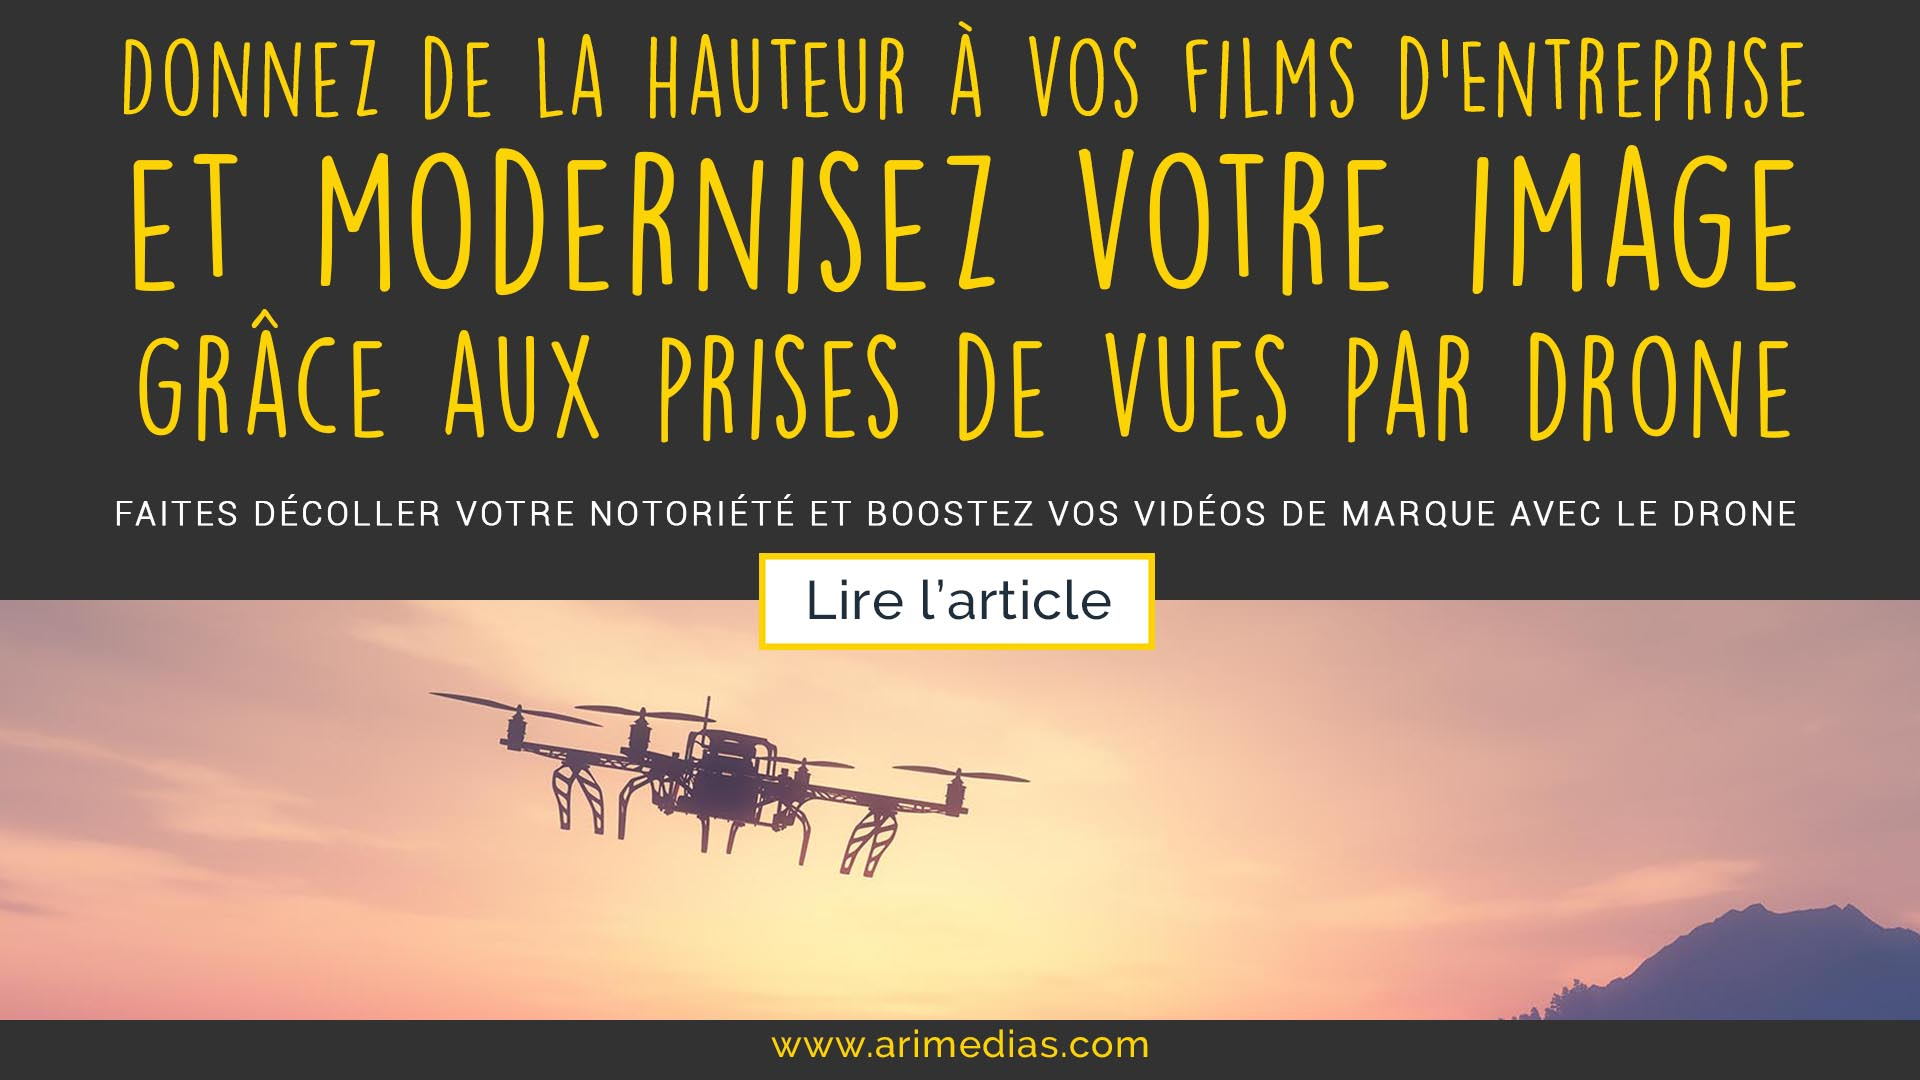 Article de blog Arimédias réalise des prises de vues par drone pour la production de films d'entreprise et de publicités vidéos